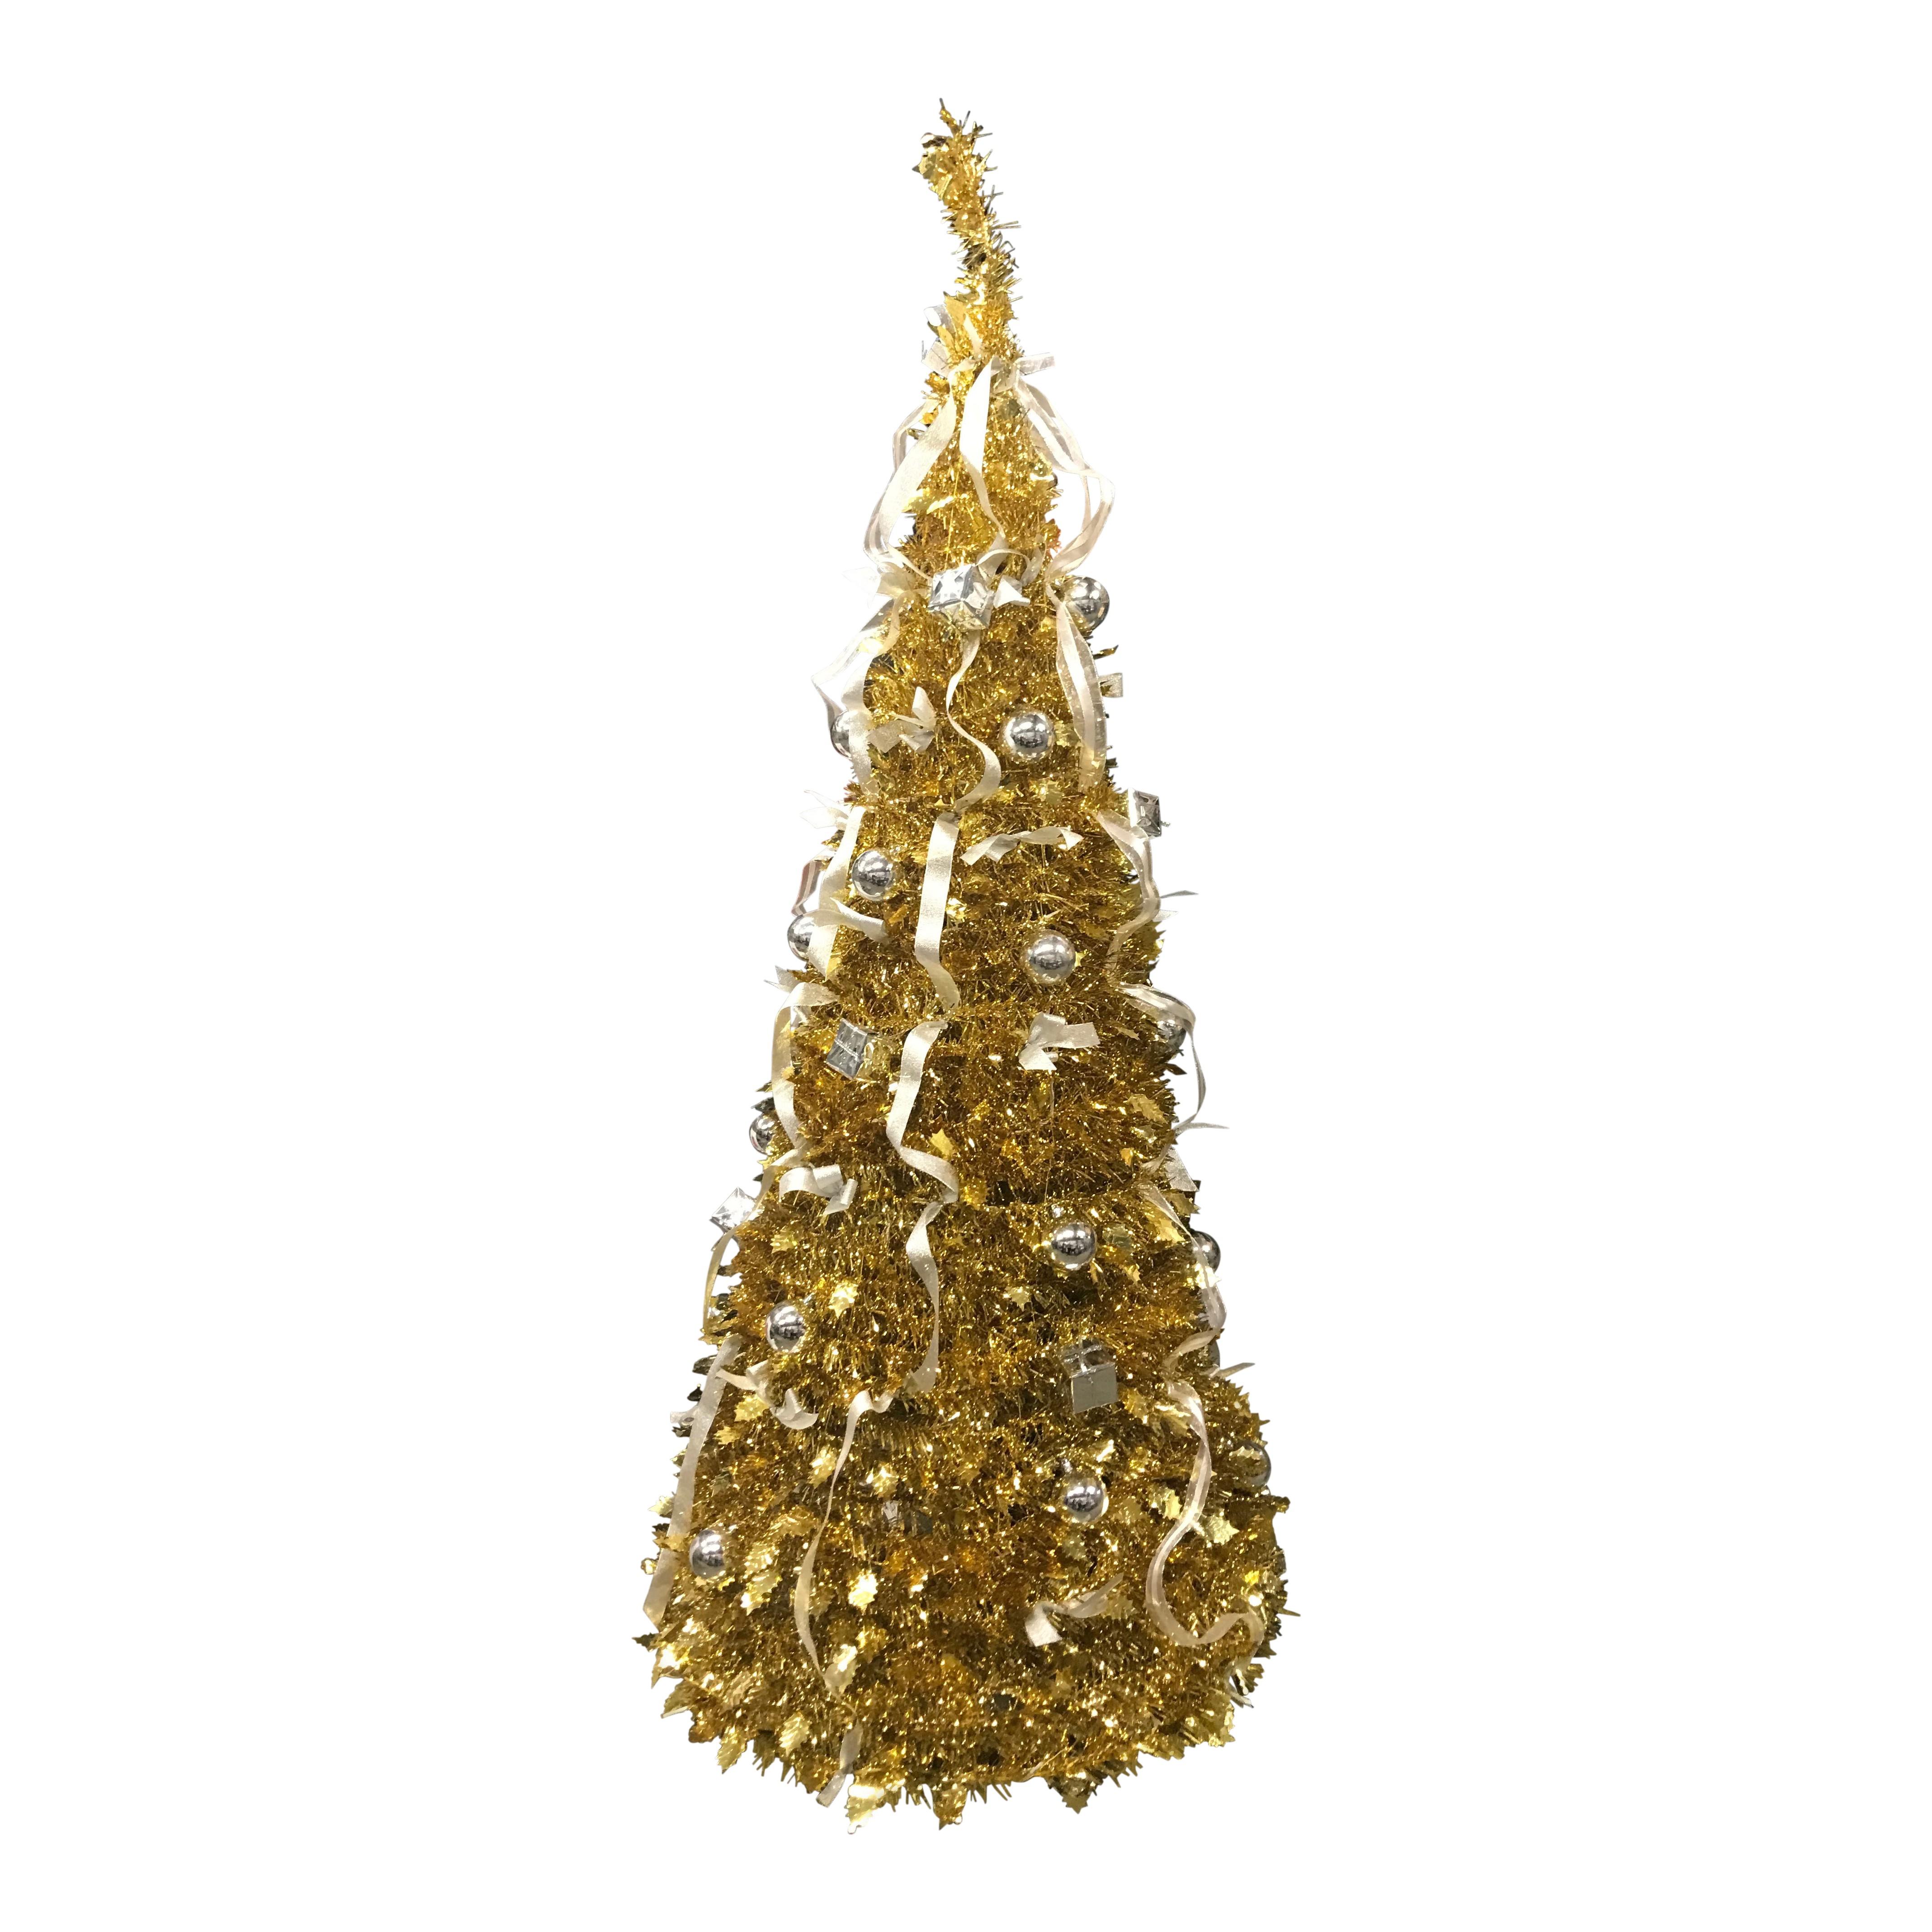 Kerstboom 180cm goud